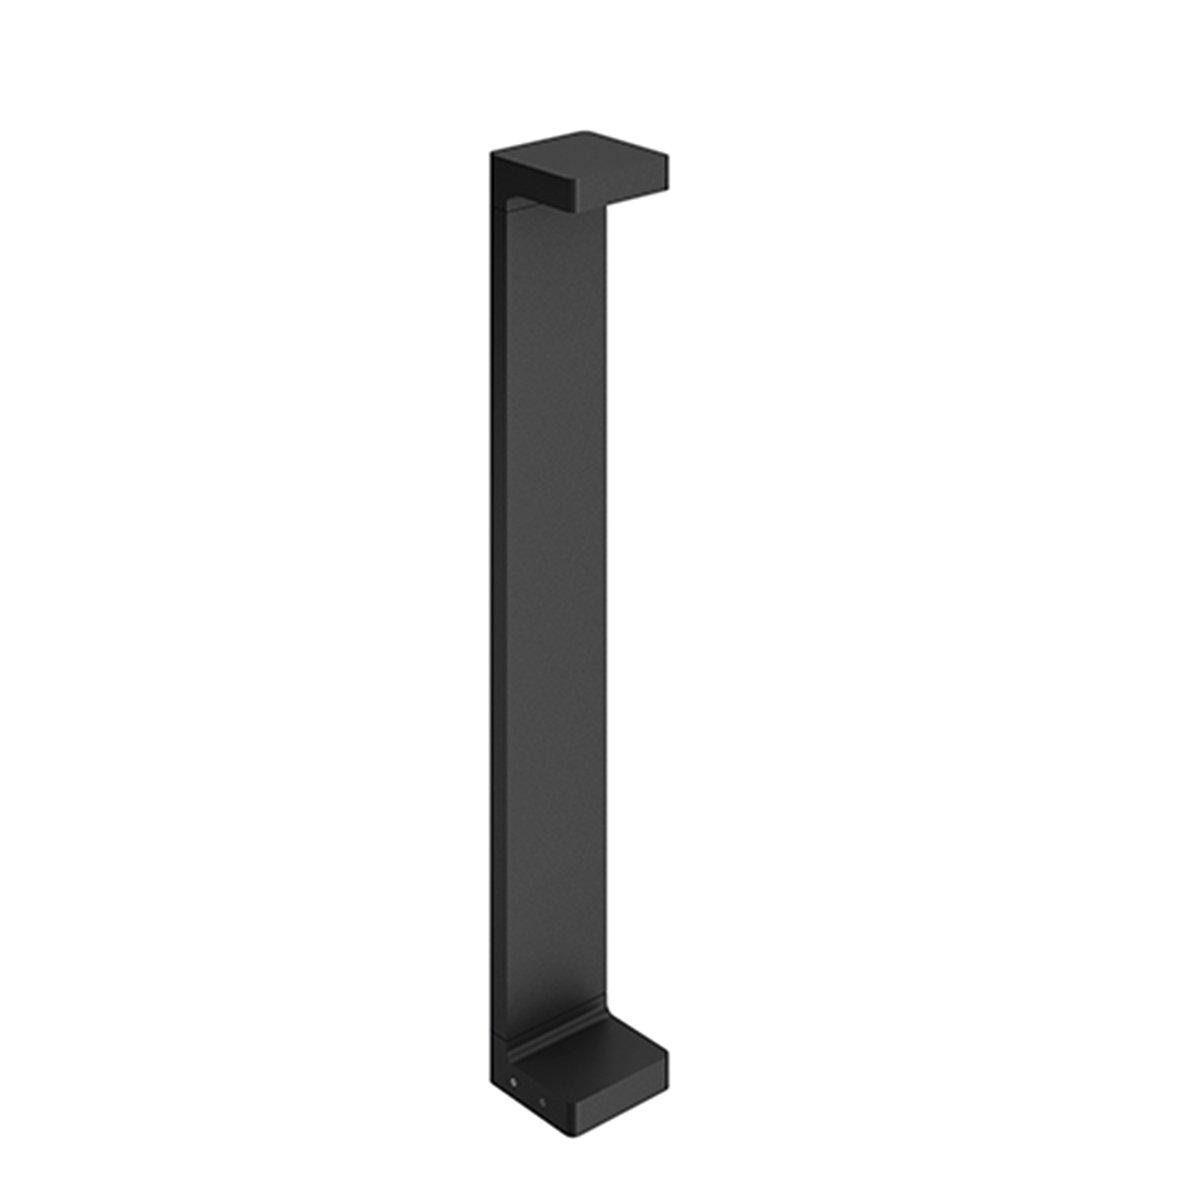 FLOS Casting C100 Outdoor Vloerlamp Zwart - 70 cm.